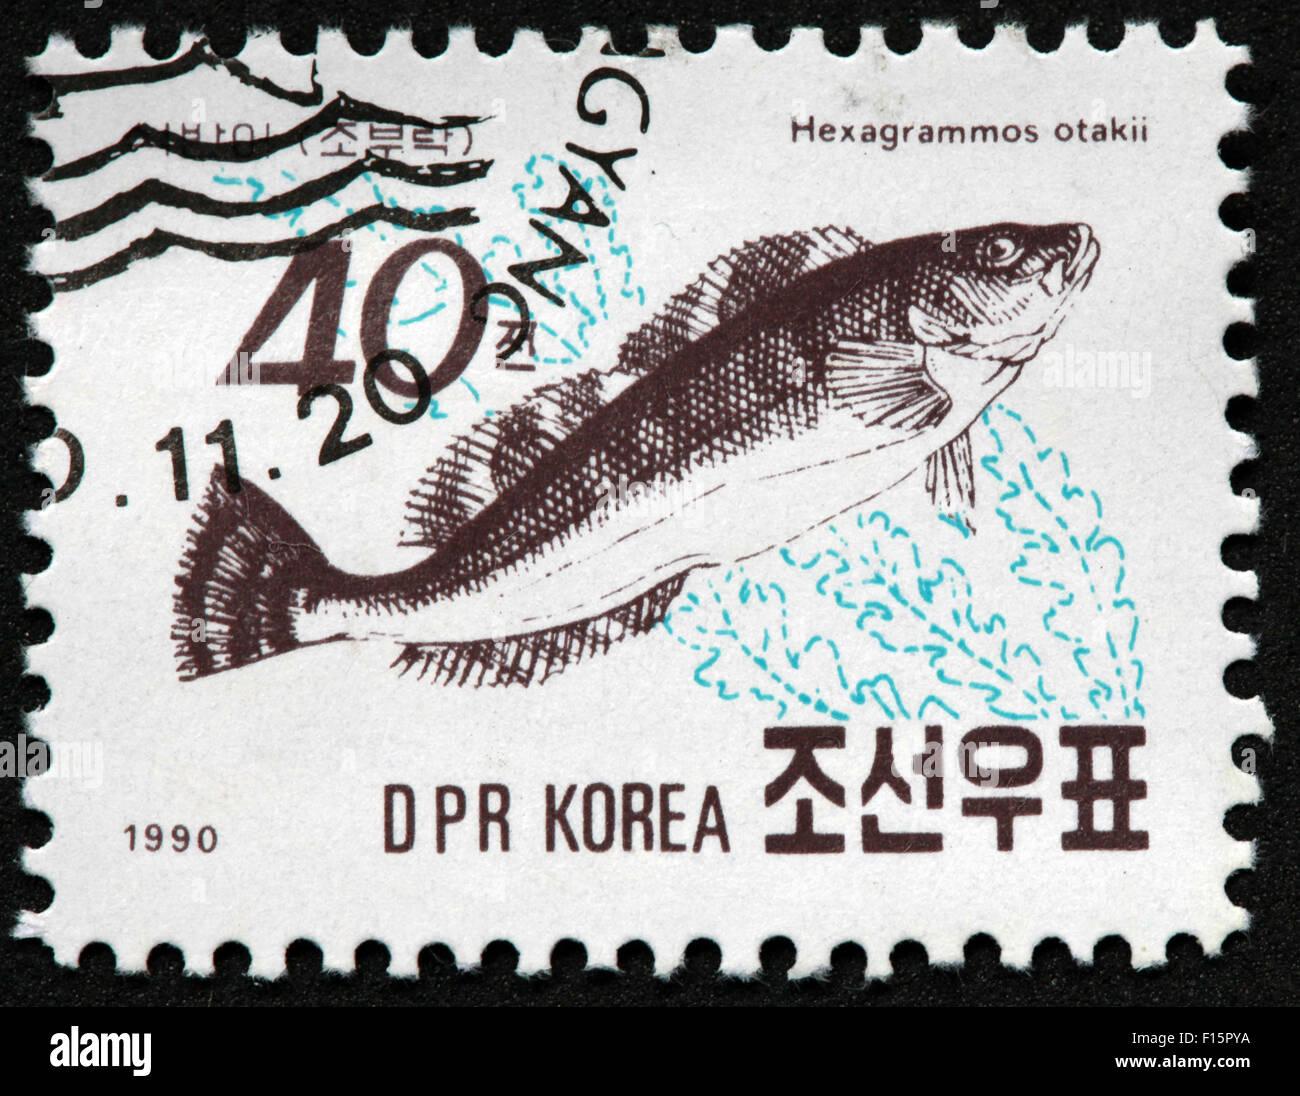 La RPD de Corée 1990 otakii Hexagrammos mauvaises herbes poisson brown stamp Banque D'Images